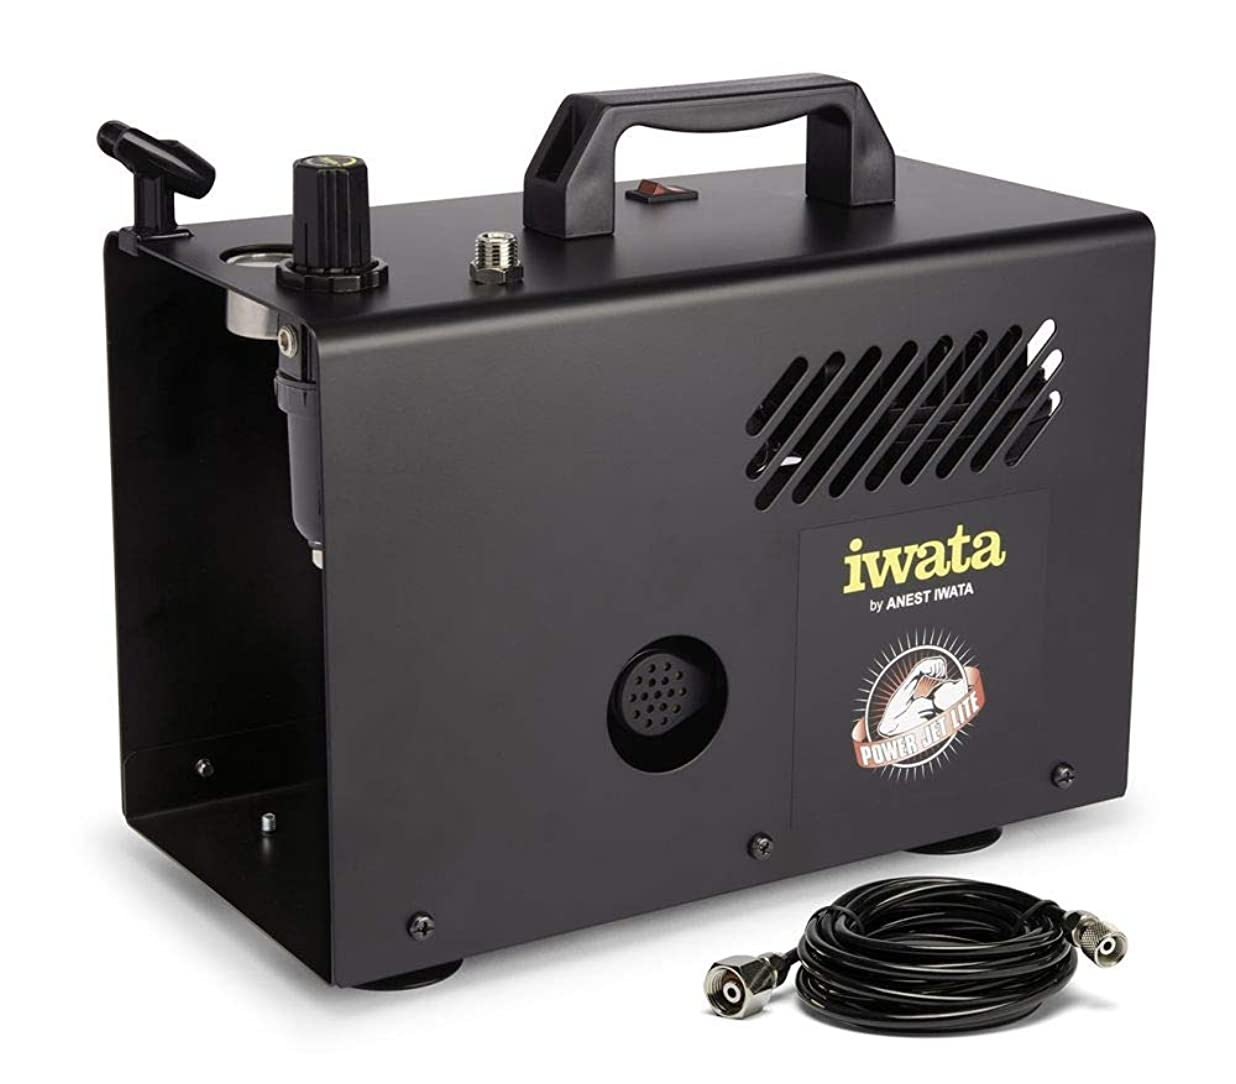 観点会うあえぎIwata-Medea Studio Series Power Jet Lite Double Piston Air Compressor by IWATA-MEDEA Inc [並行輸入品]